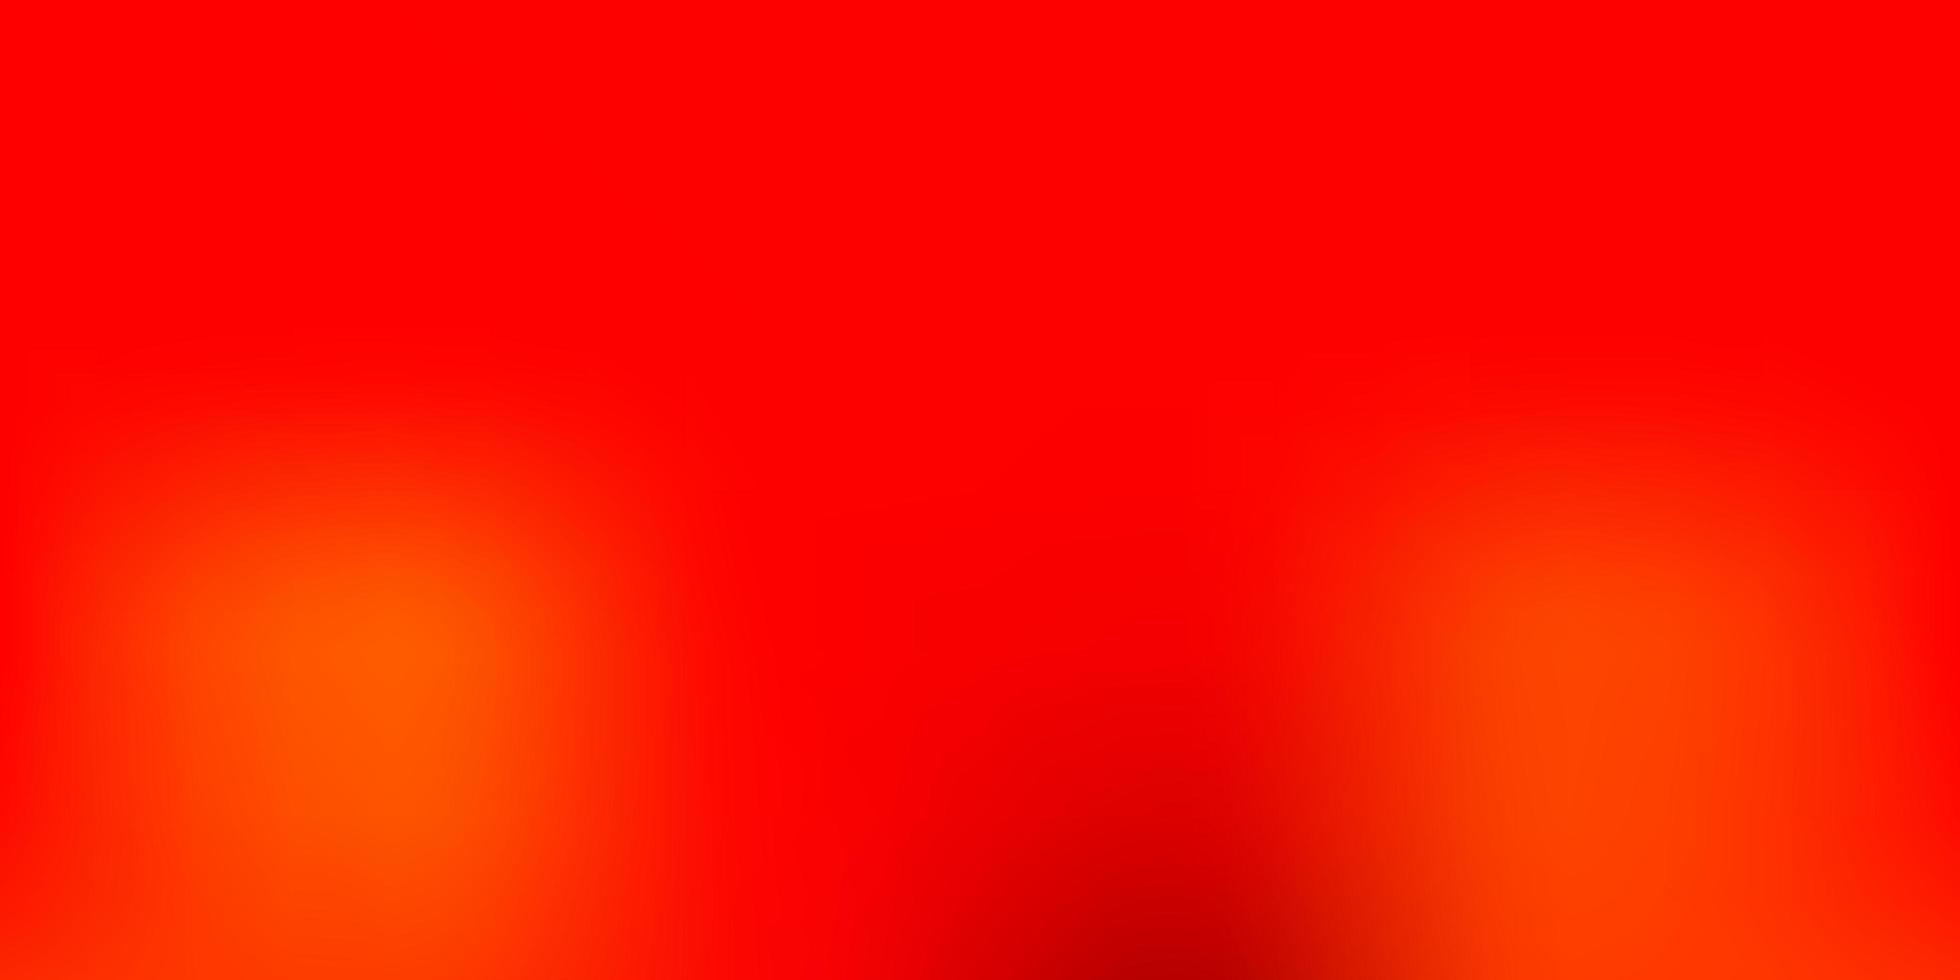 disegno di sfocatura astratta vettoriale arancione chiaro.